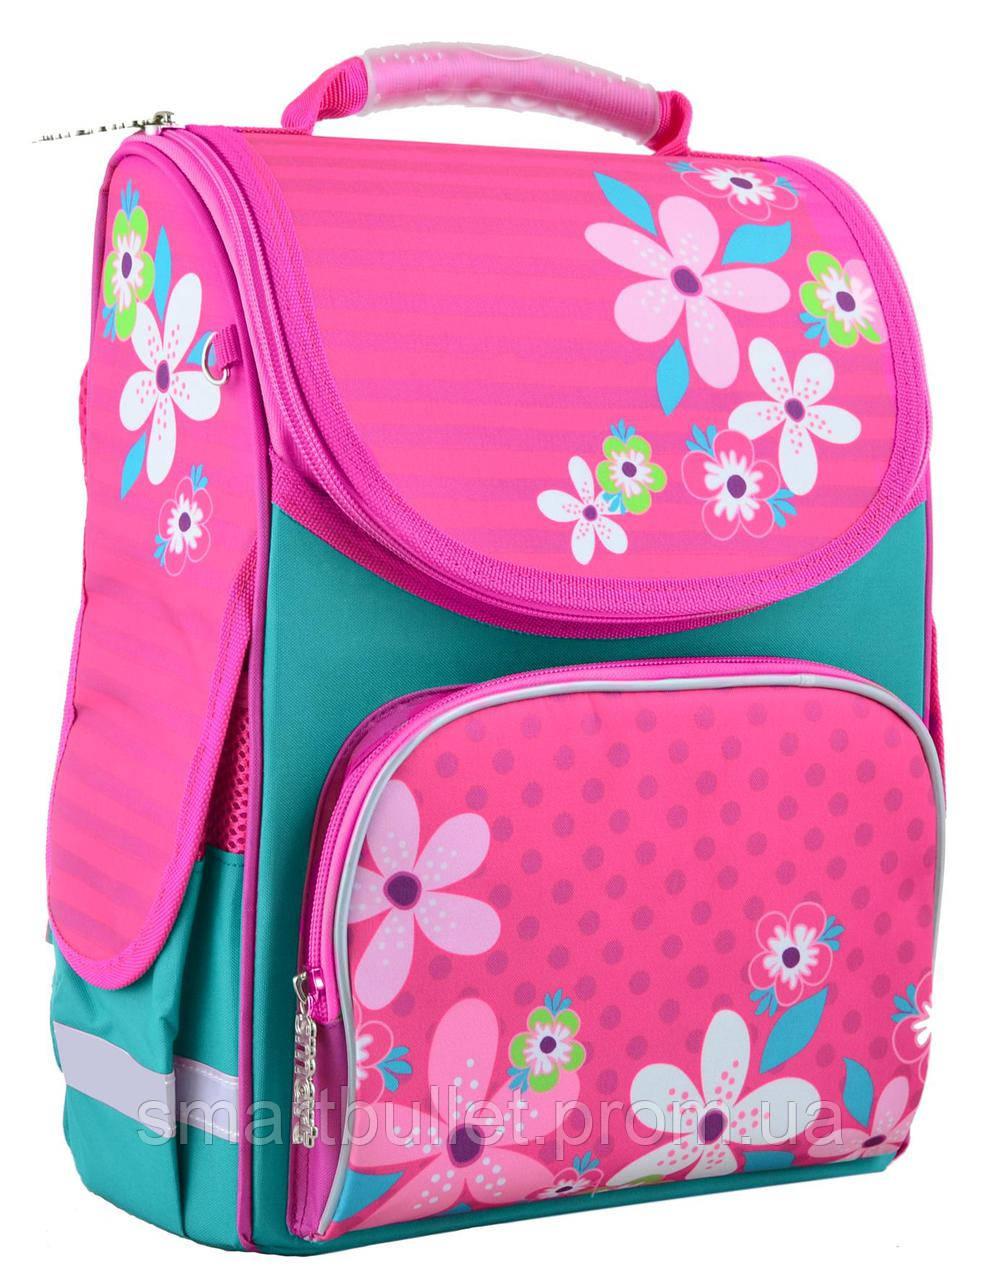 Ранец школьный ортопедический Smart PG-11 Flowers pink 554445